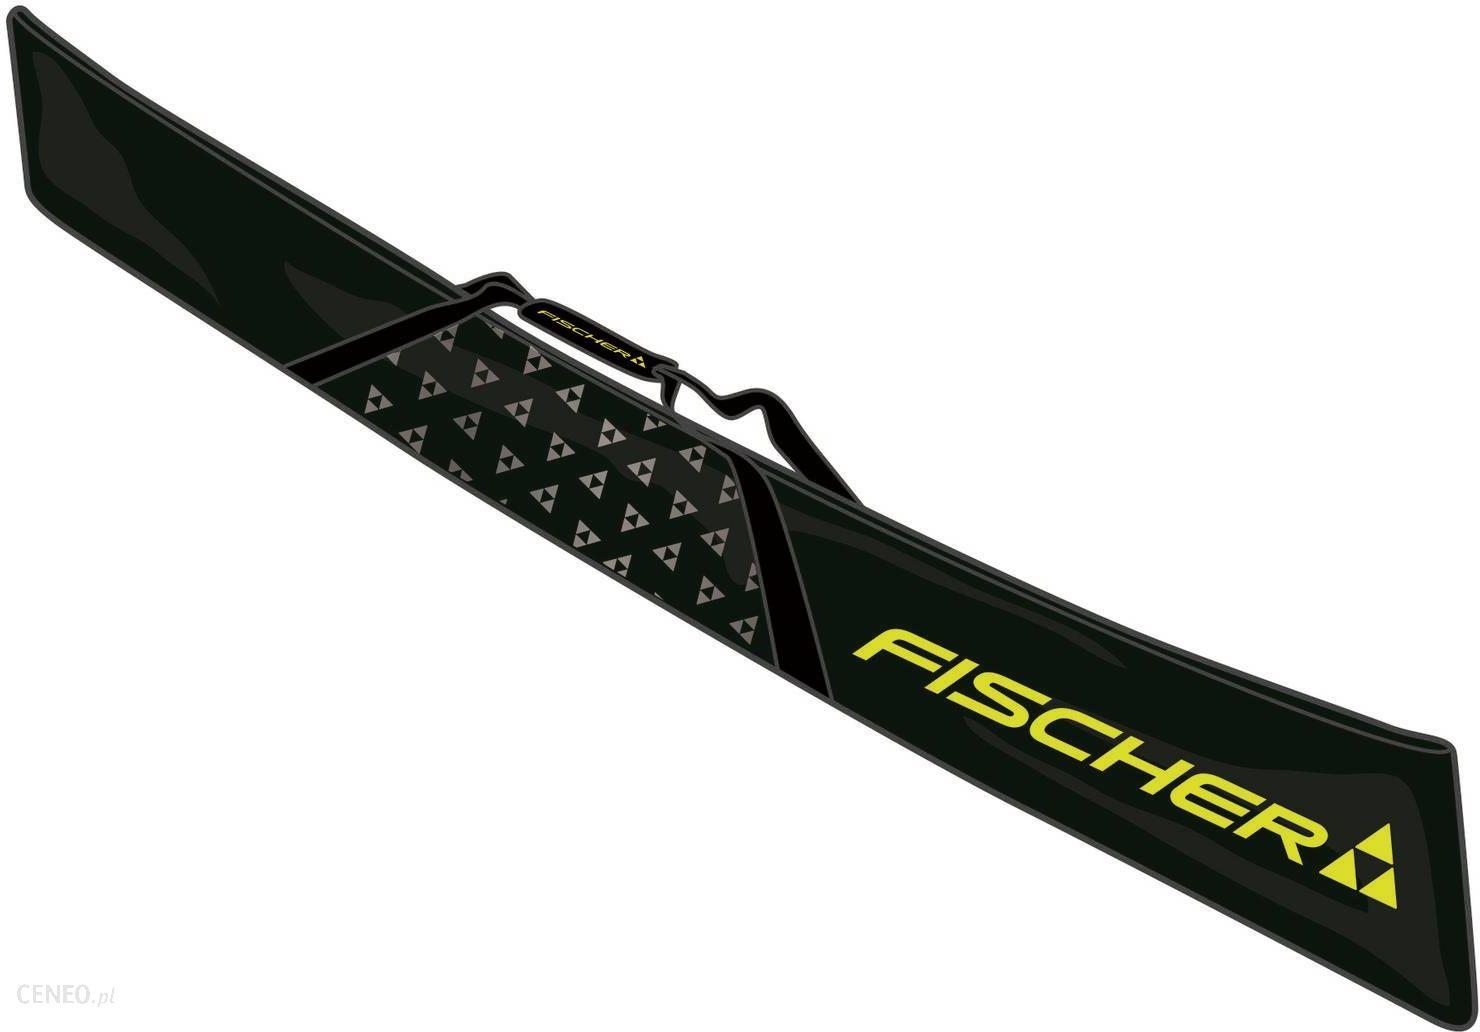 a05b89849603d Fischer Pokrowiec Torba Na Narty Biegowe Skicase Nordic Xc Eco 3 Pary -  zdjęcie 1